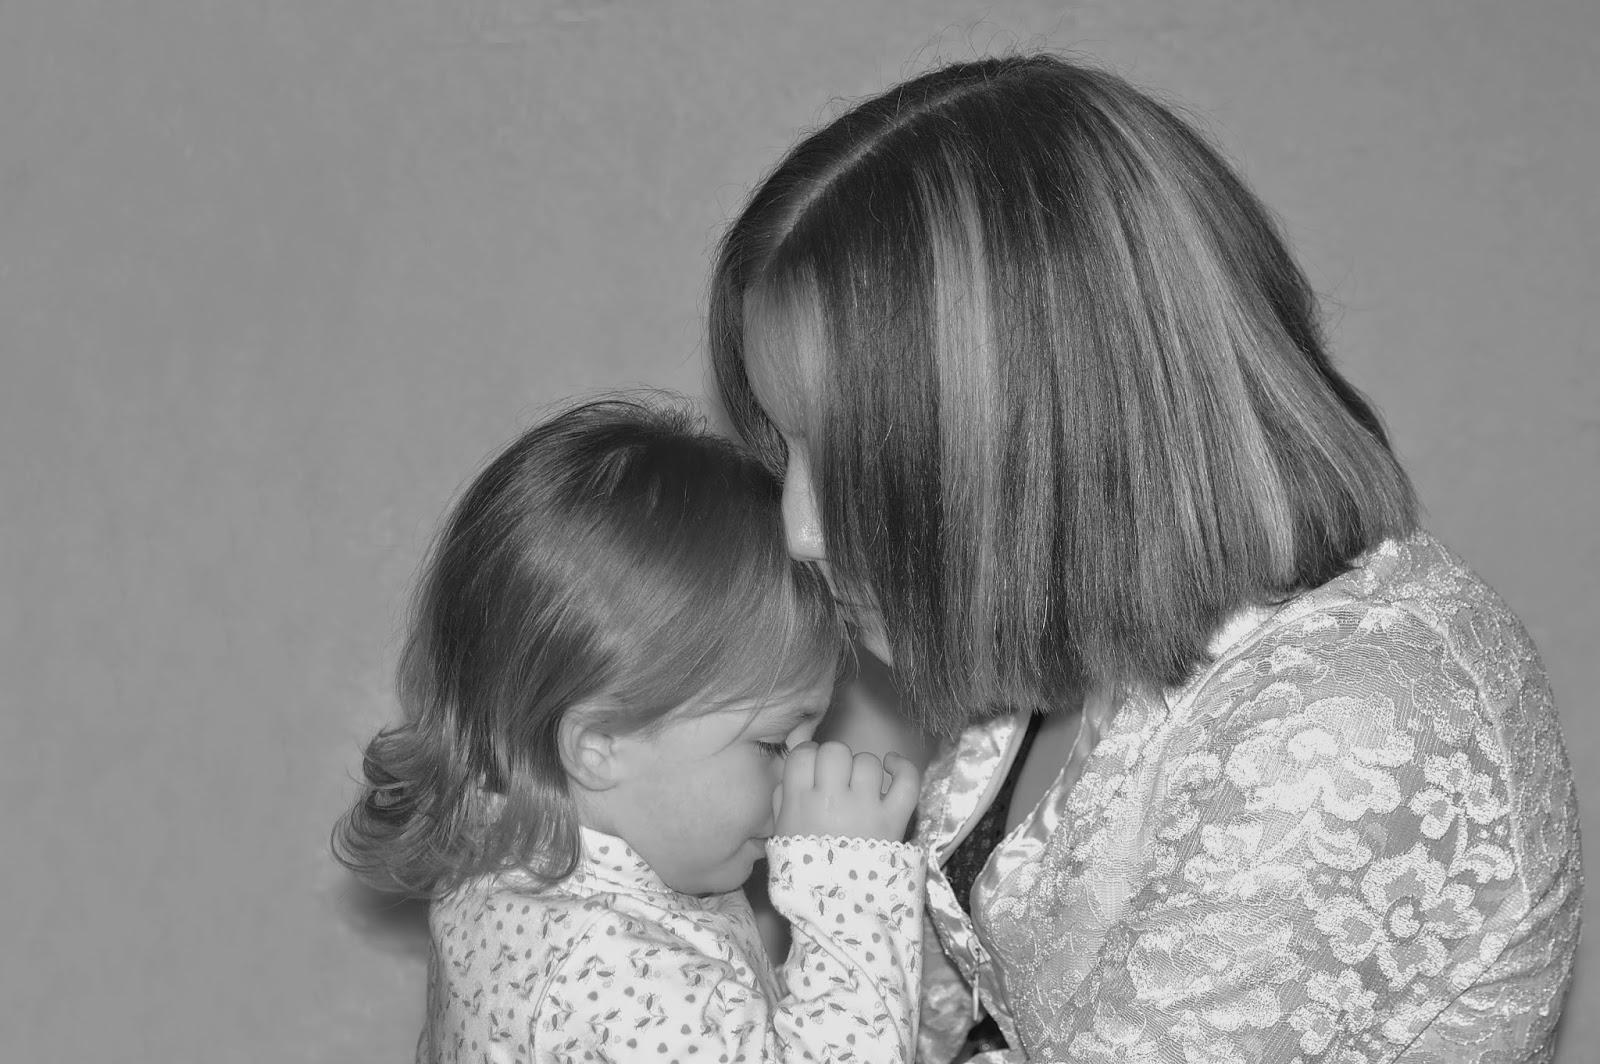 أسباب التبول اللاإرادي بين الأطفال